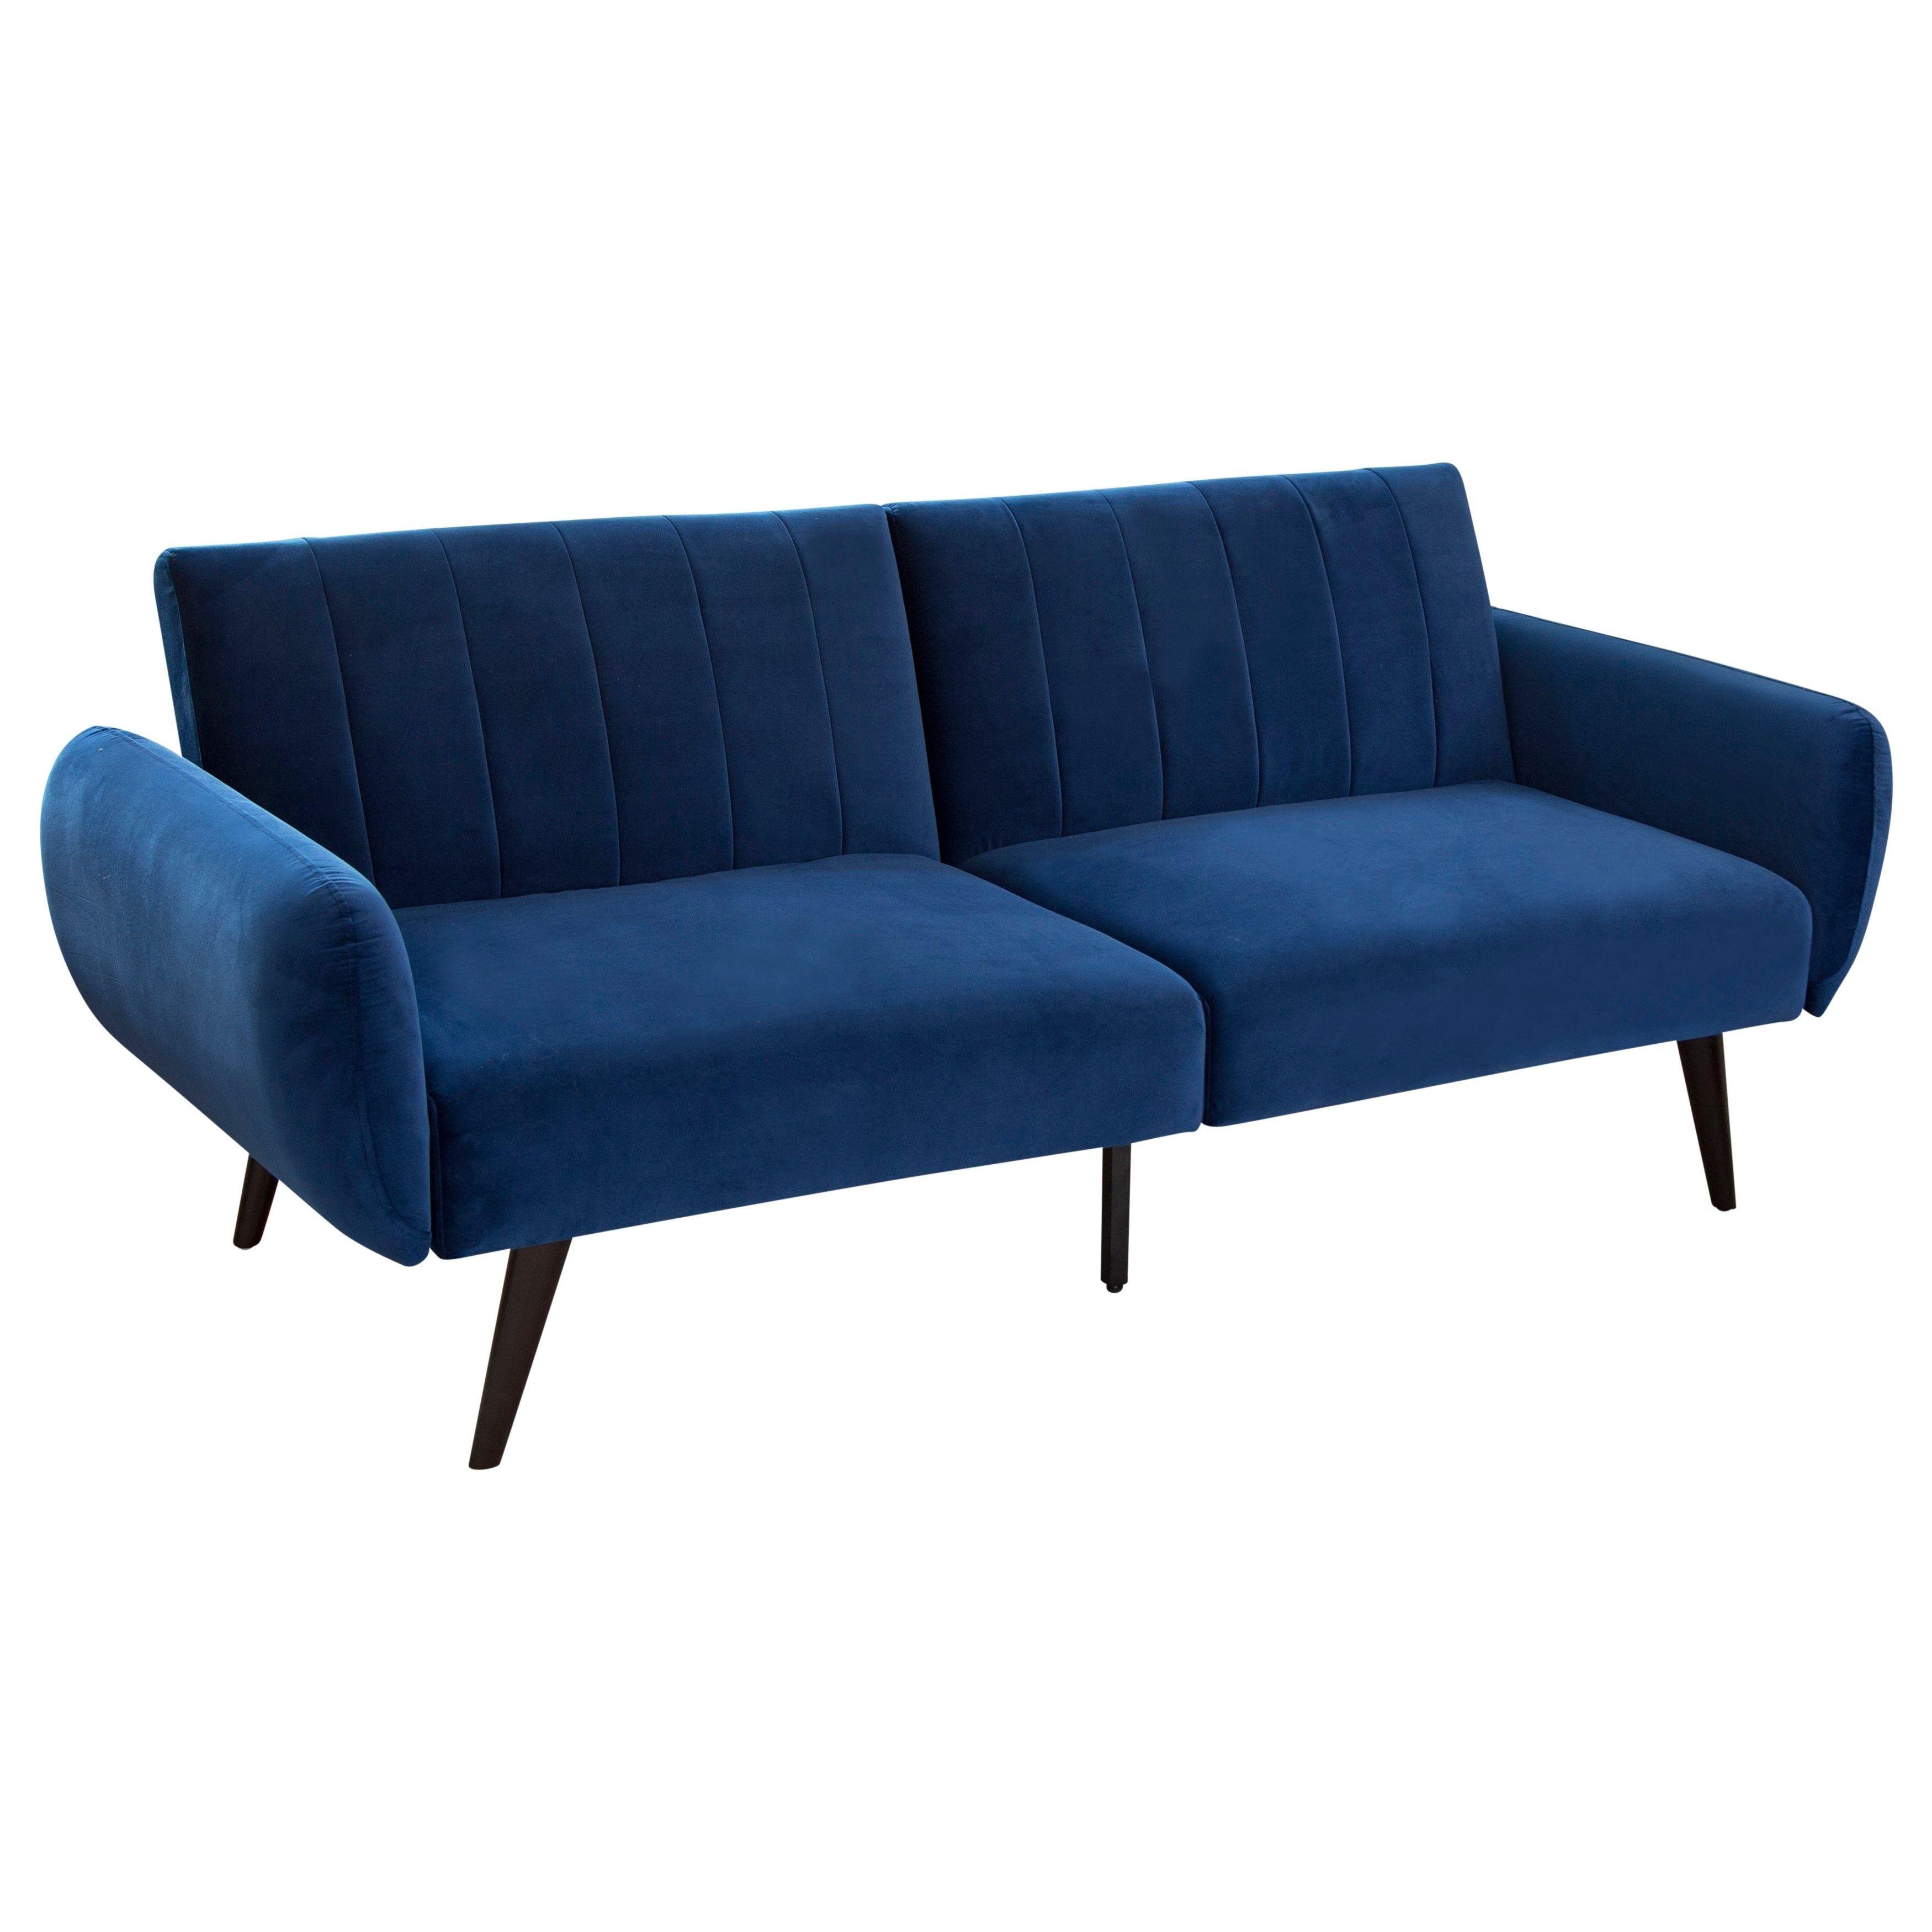 Carlton Foldable Velvet Sofa Bed